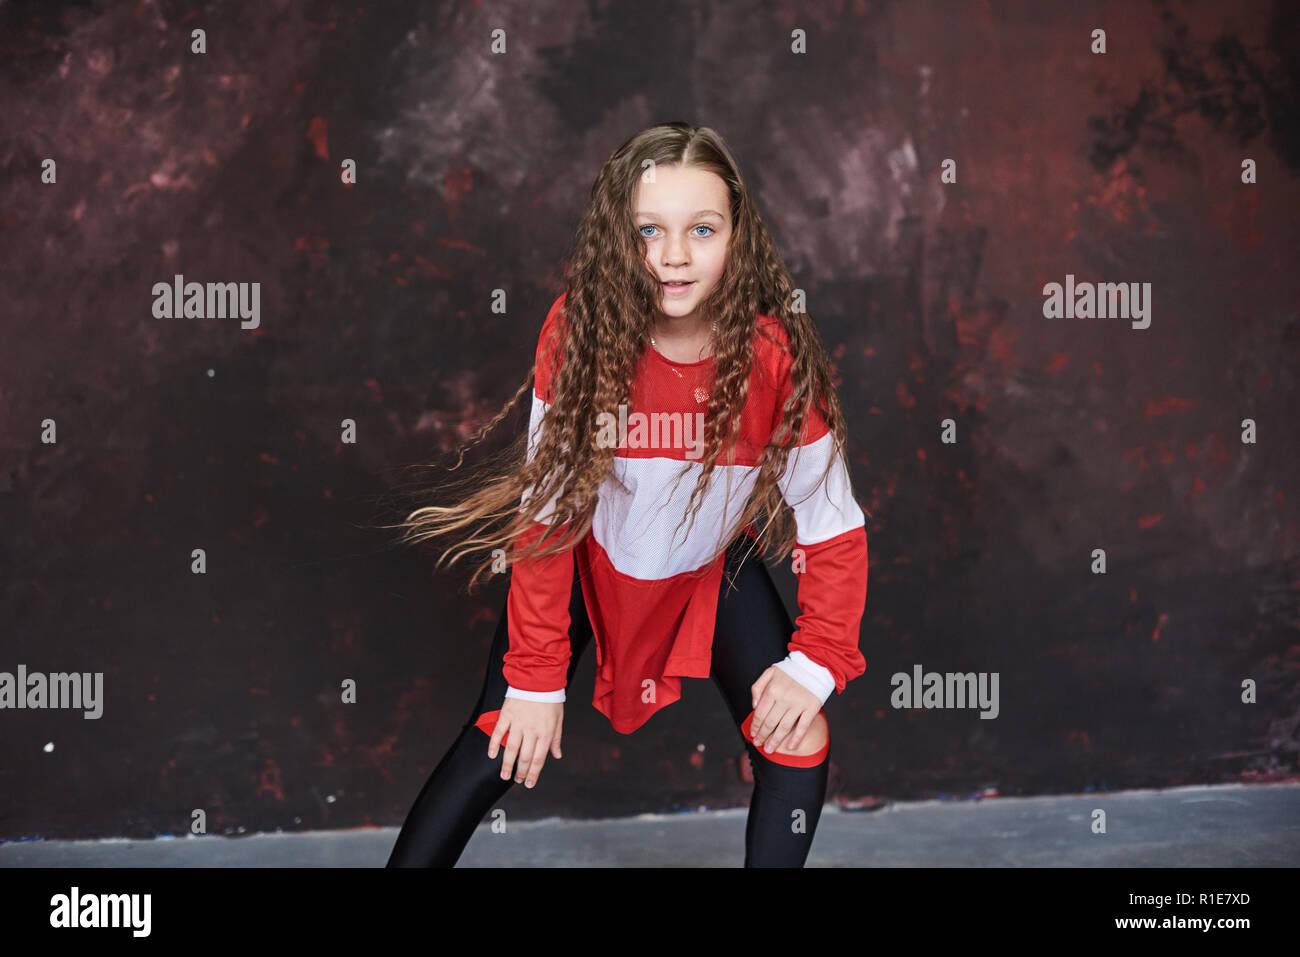 Hermosa joven bailando en ropa de moda en un fondo grunge Imagen De Stock 95e20ab0e64